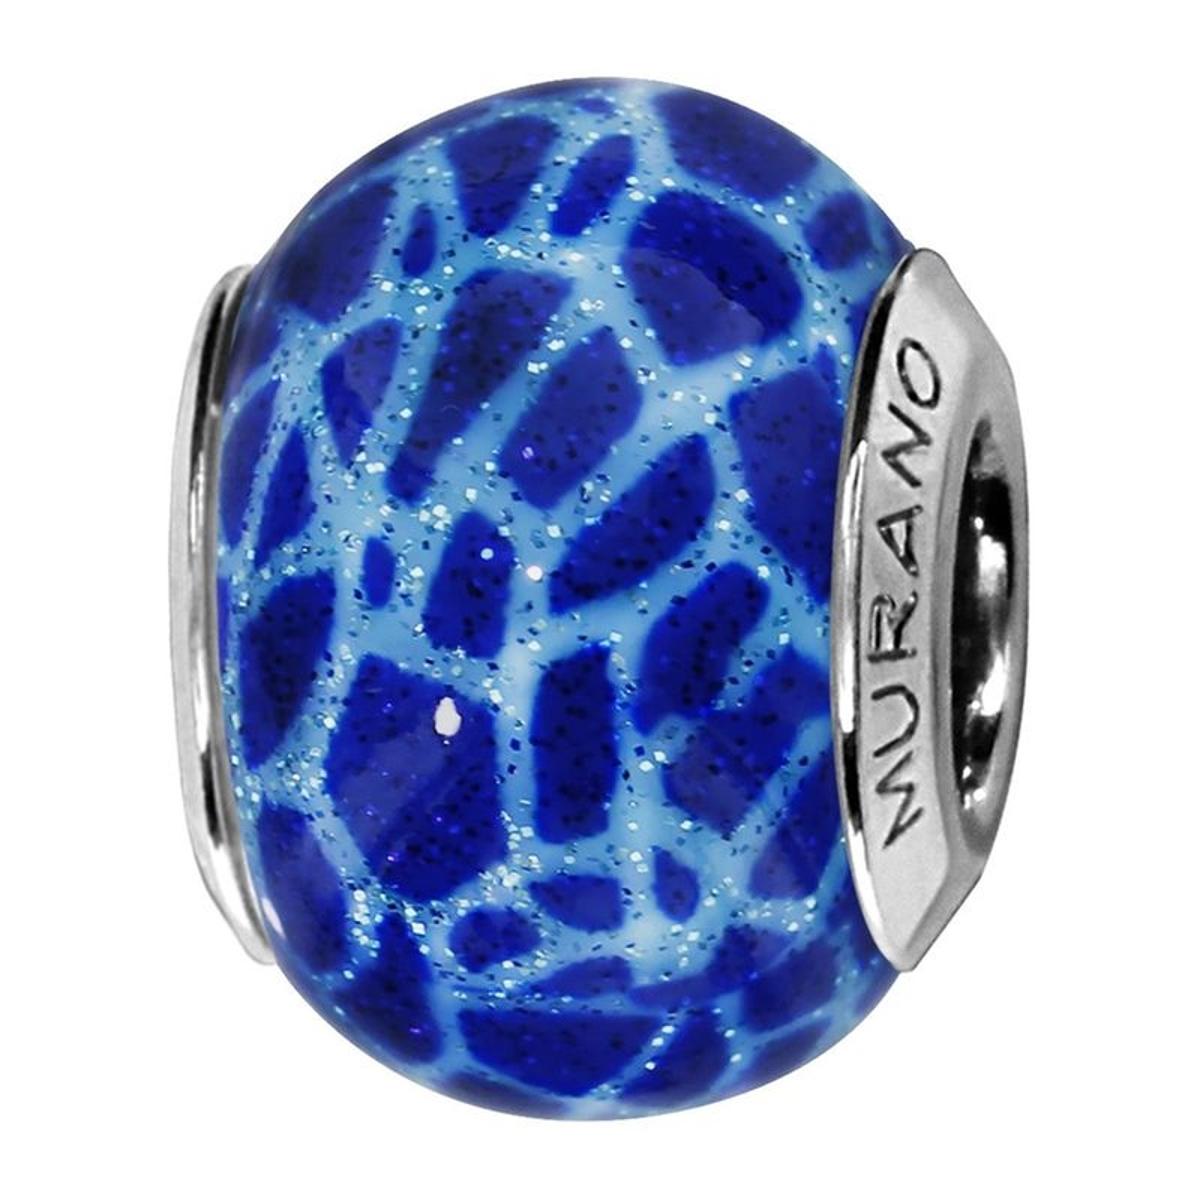 Charm Verre de Murano Argent 925 - Compatible Pandora, Trollbeads, Chamilia, Biagi